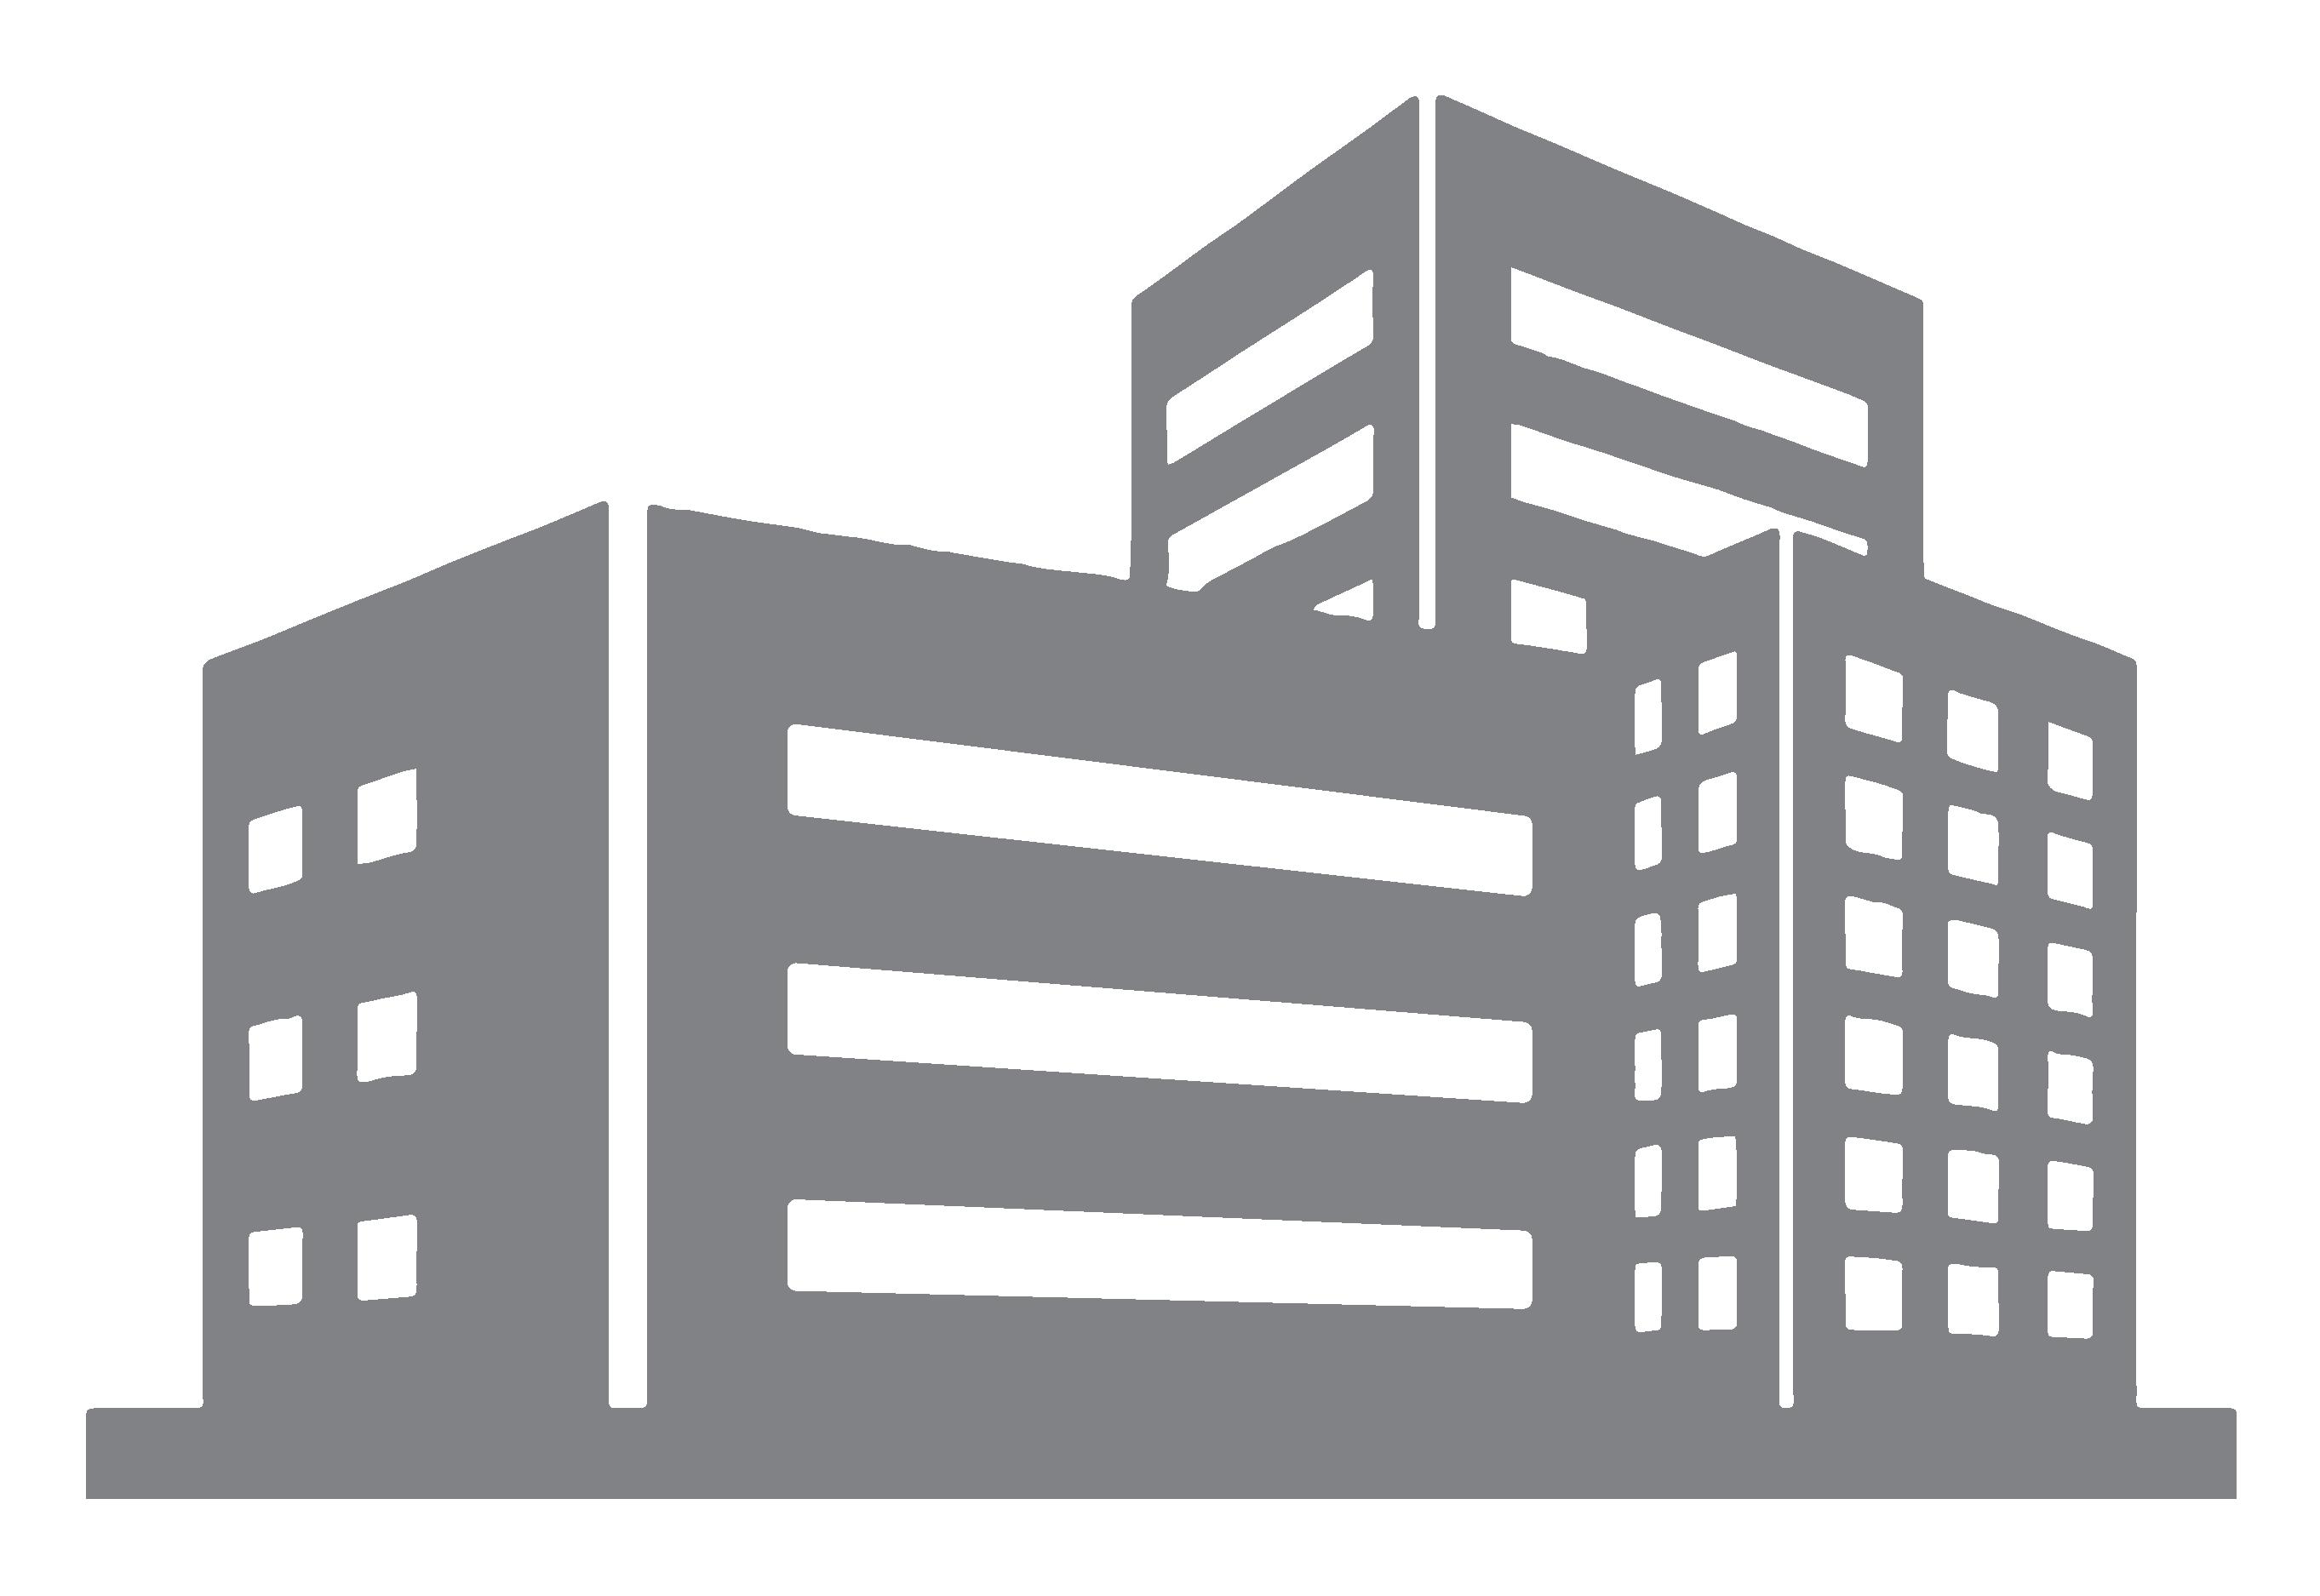 Фальшивые, картинки зданий для презентации